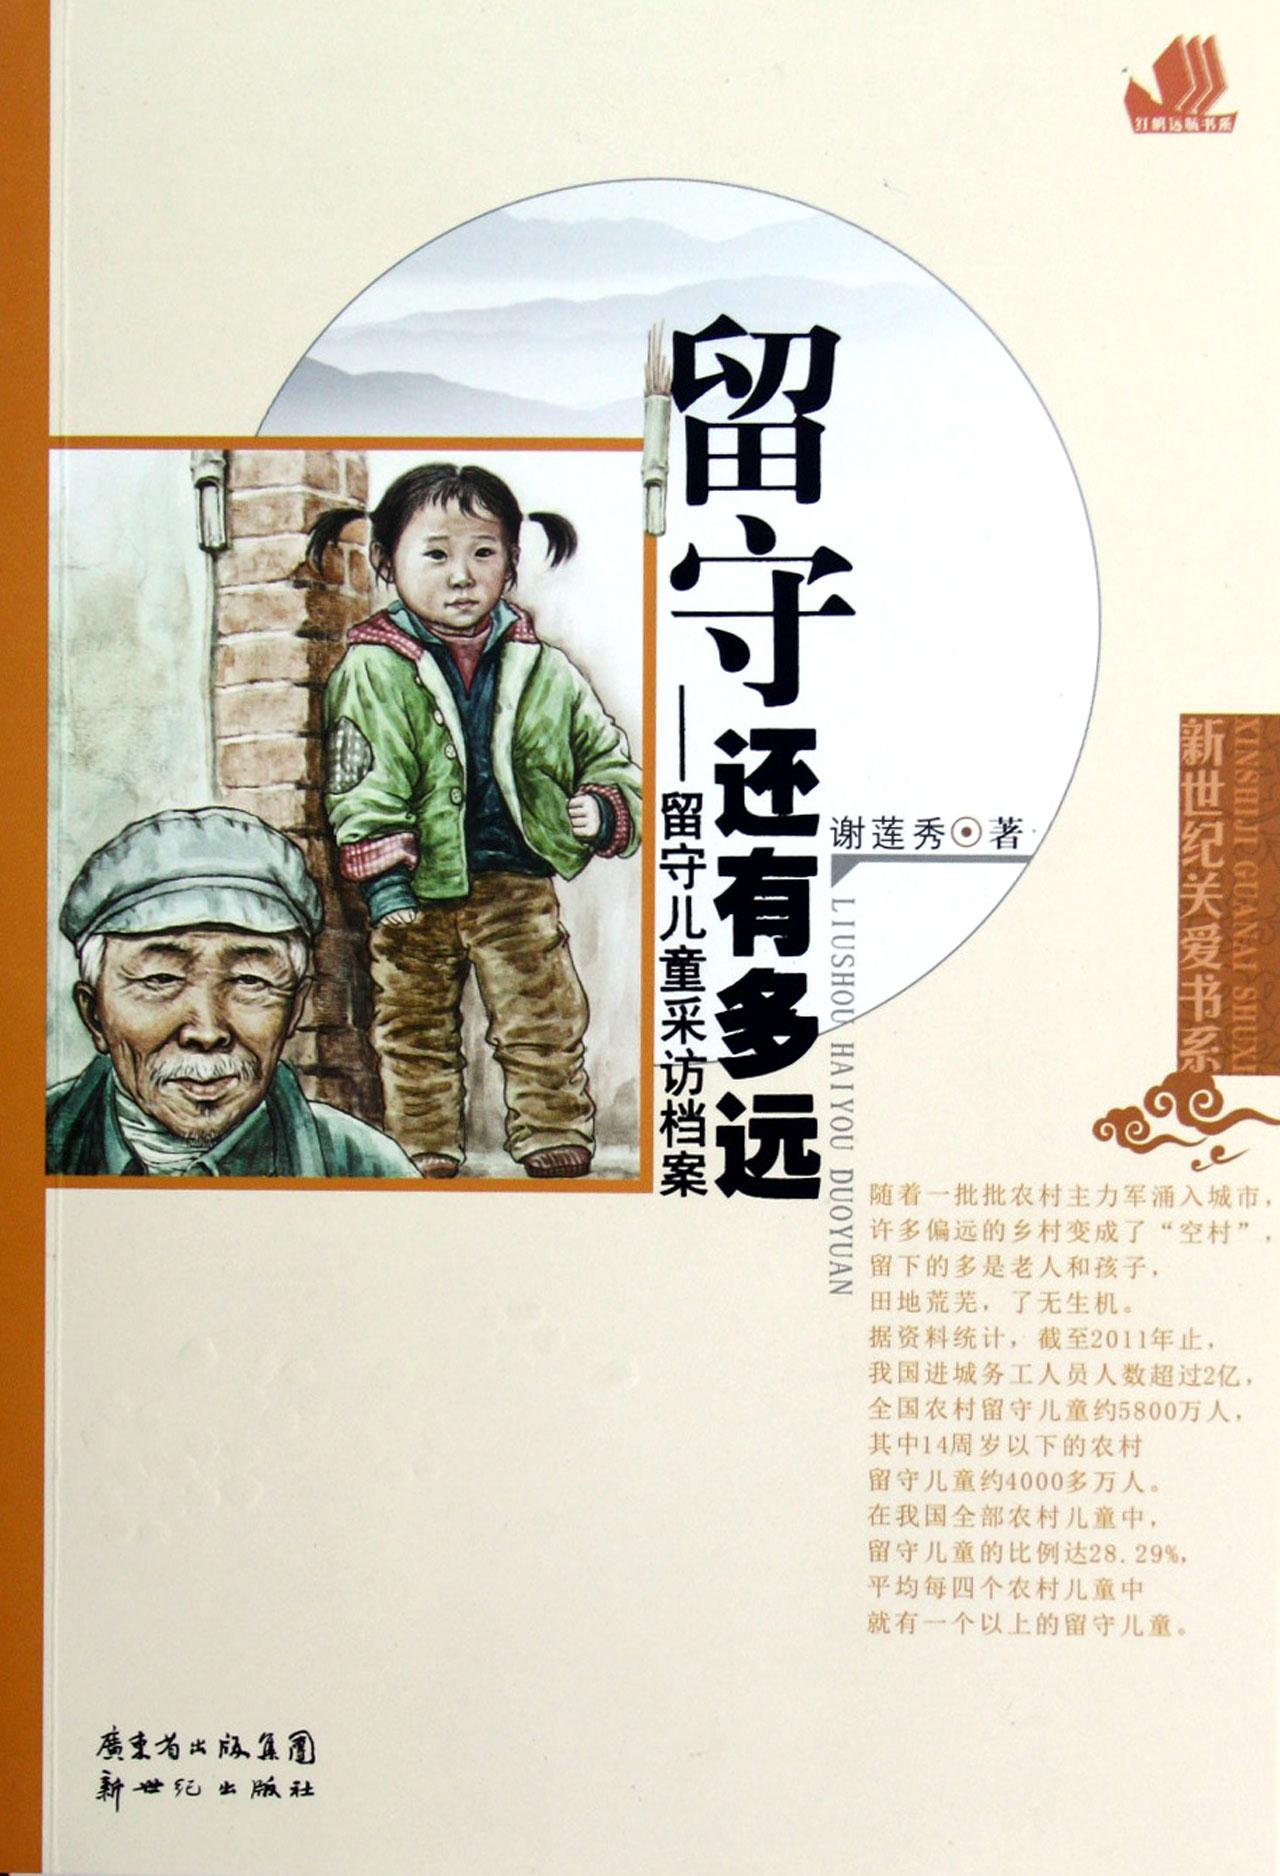 留守还有多远--留守儿童采访档案/新世纪关爱书系 价格: ¥15元 出版